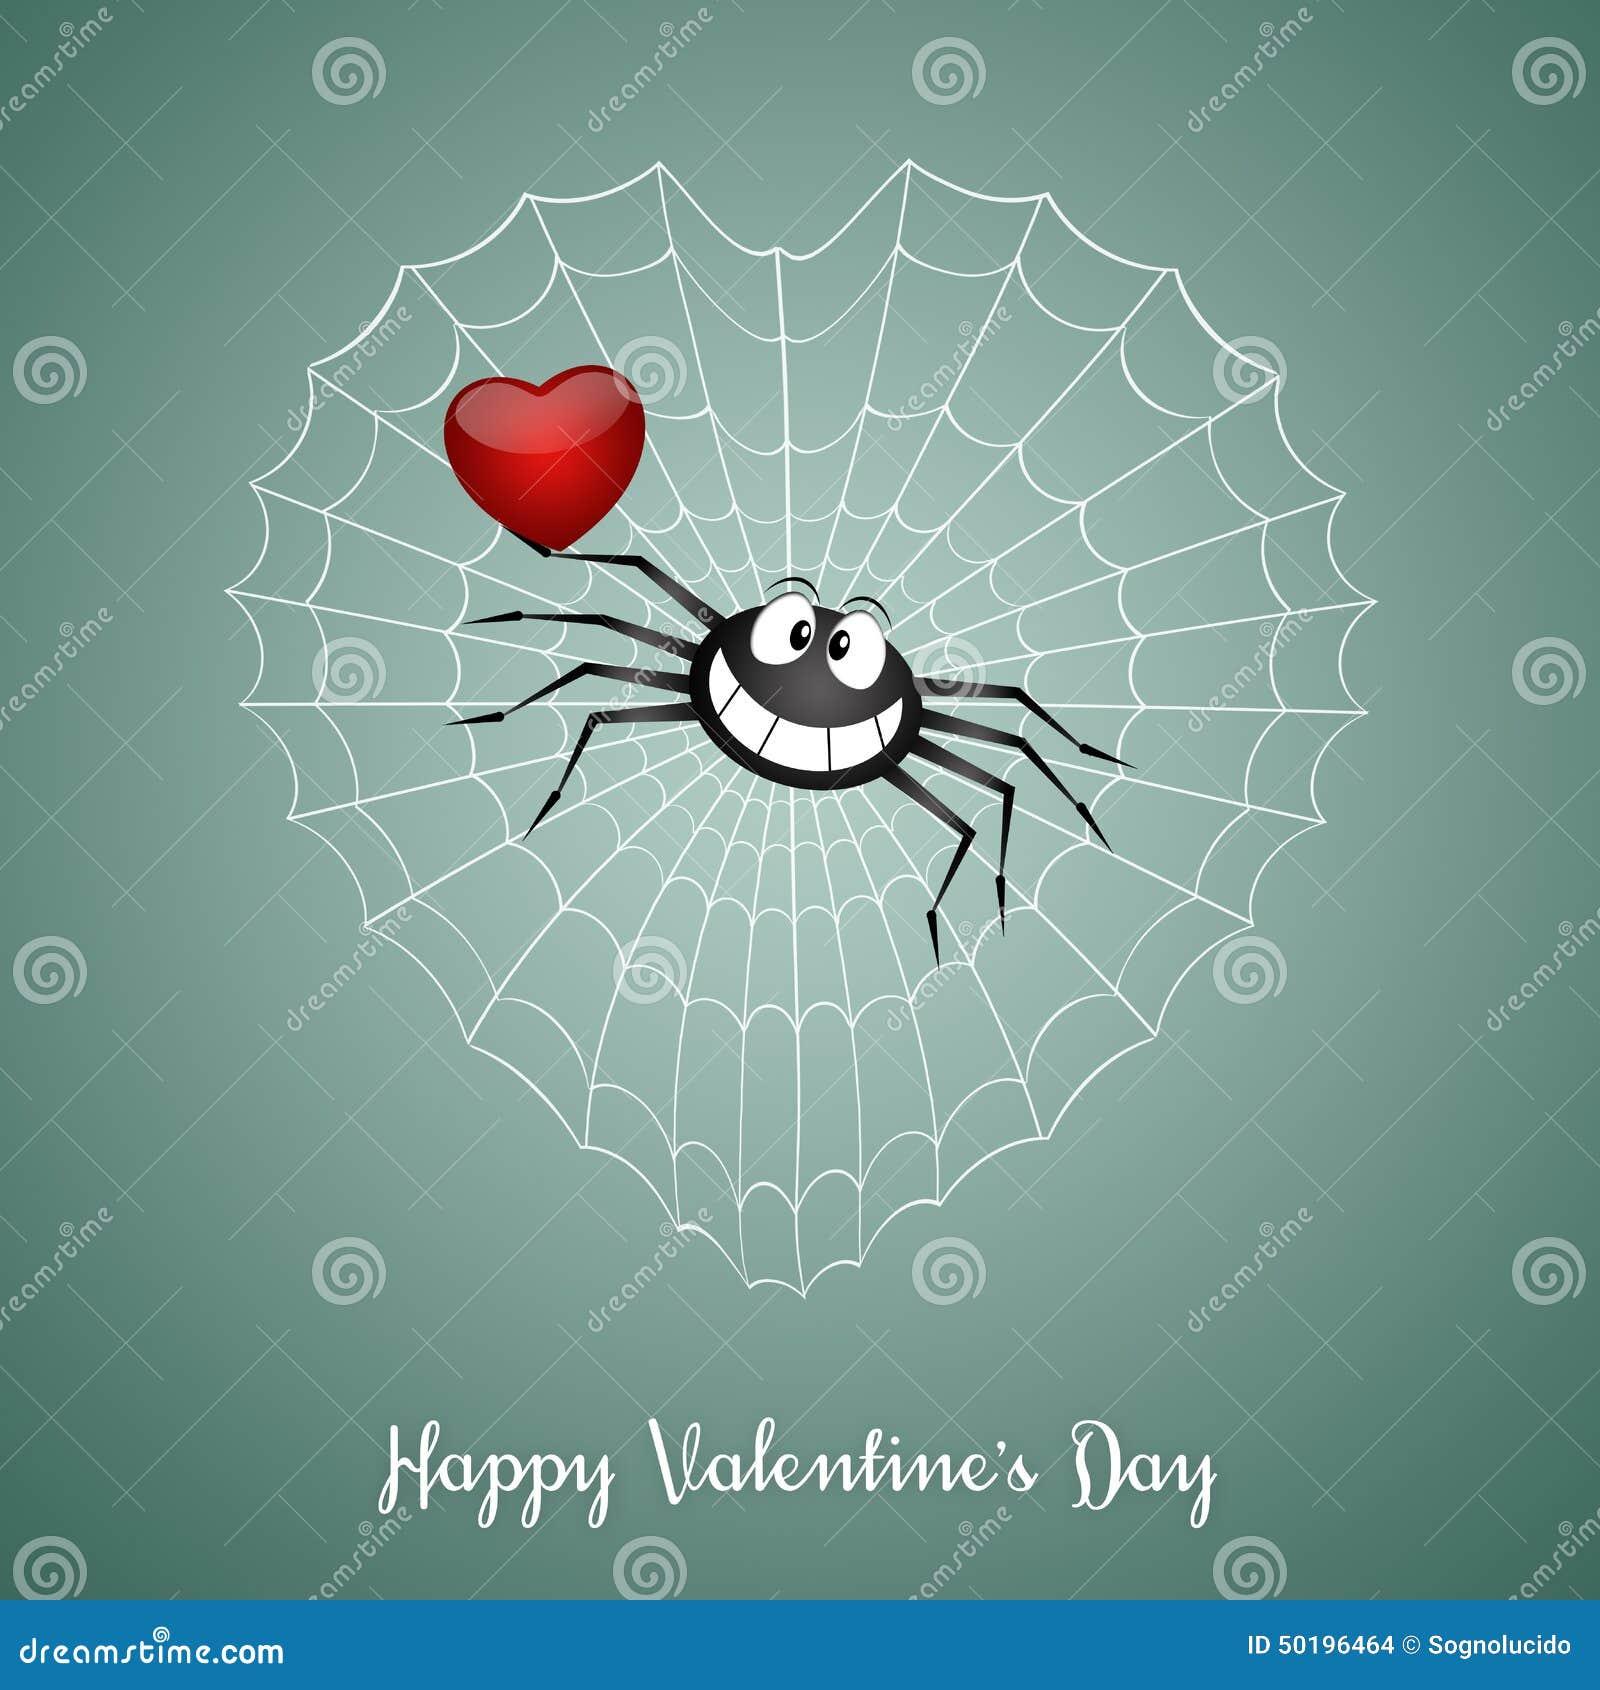 Lustige Spinne Im Valentinstag Stock Abbildung - Bild: 50196464